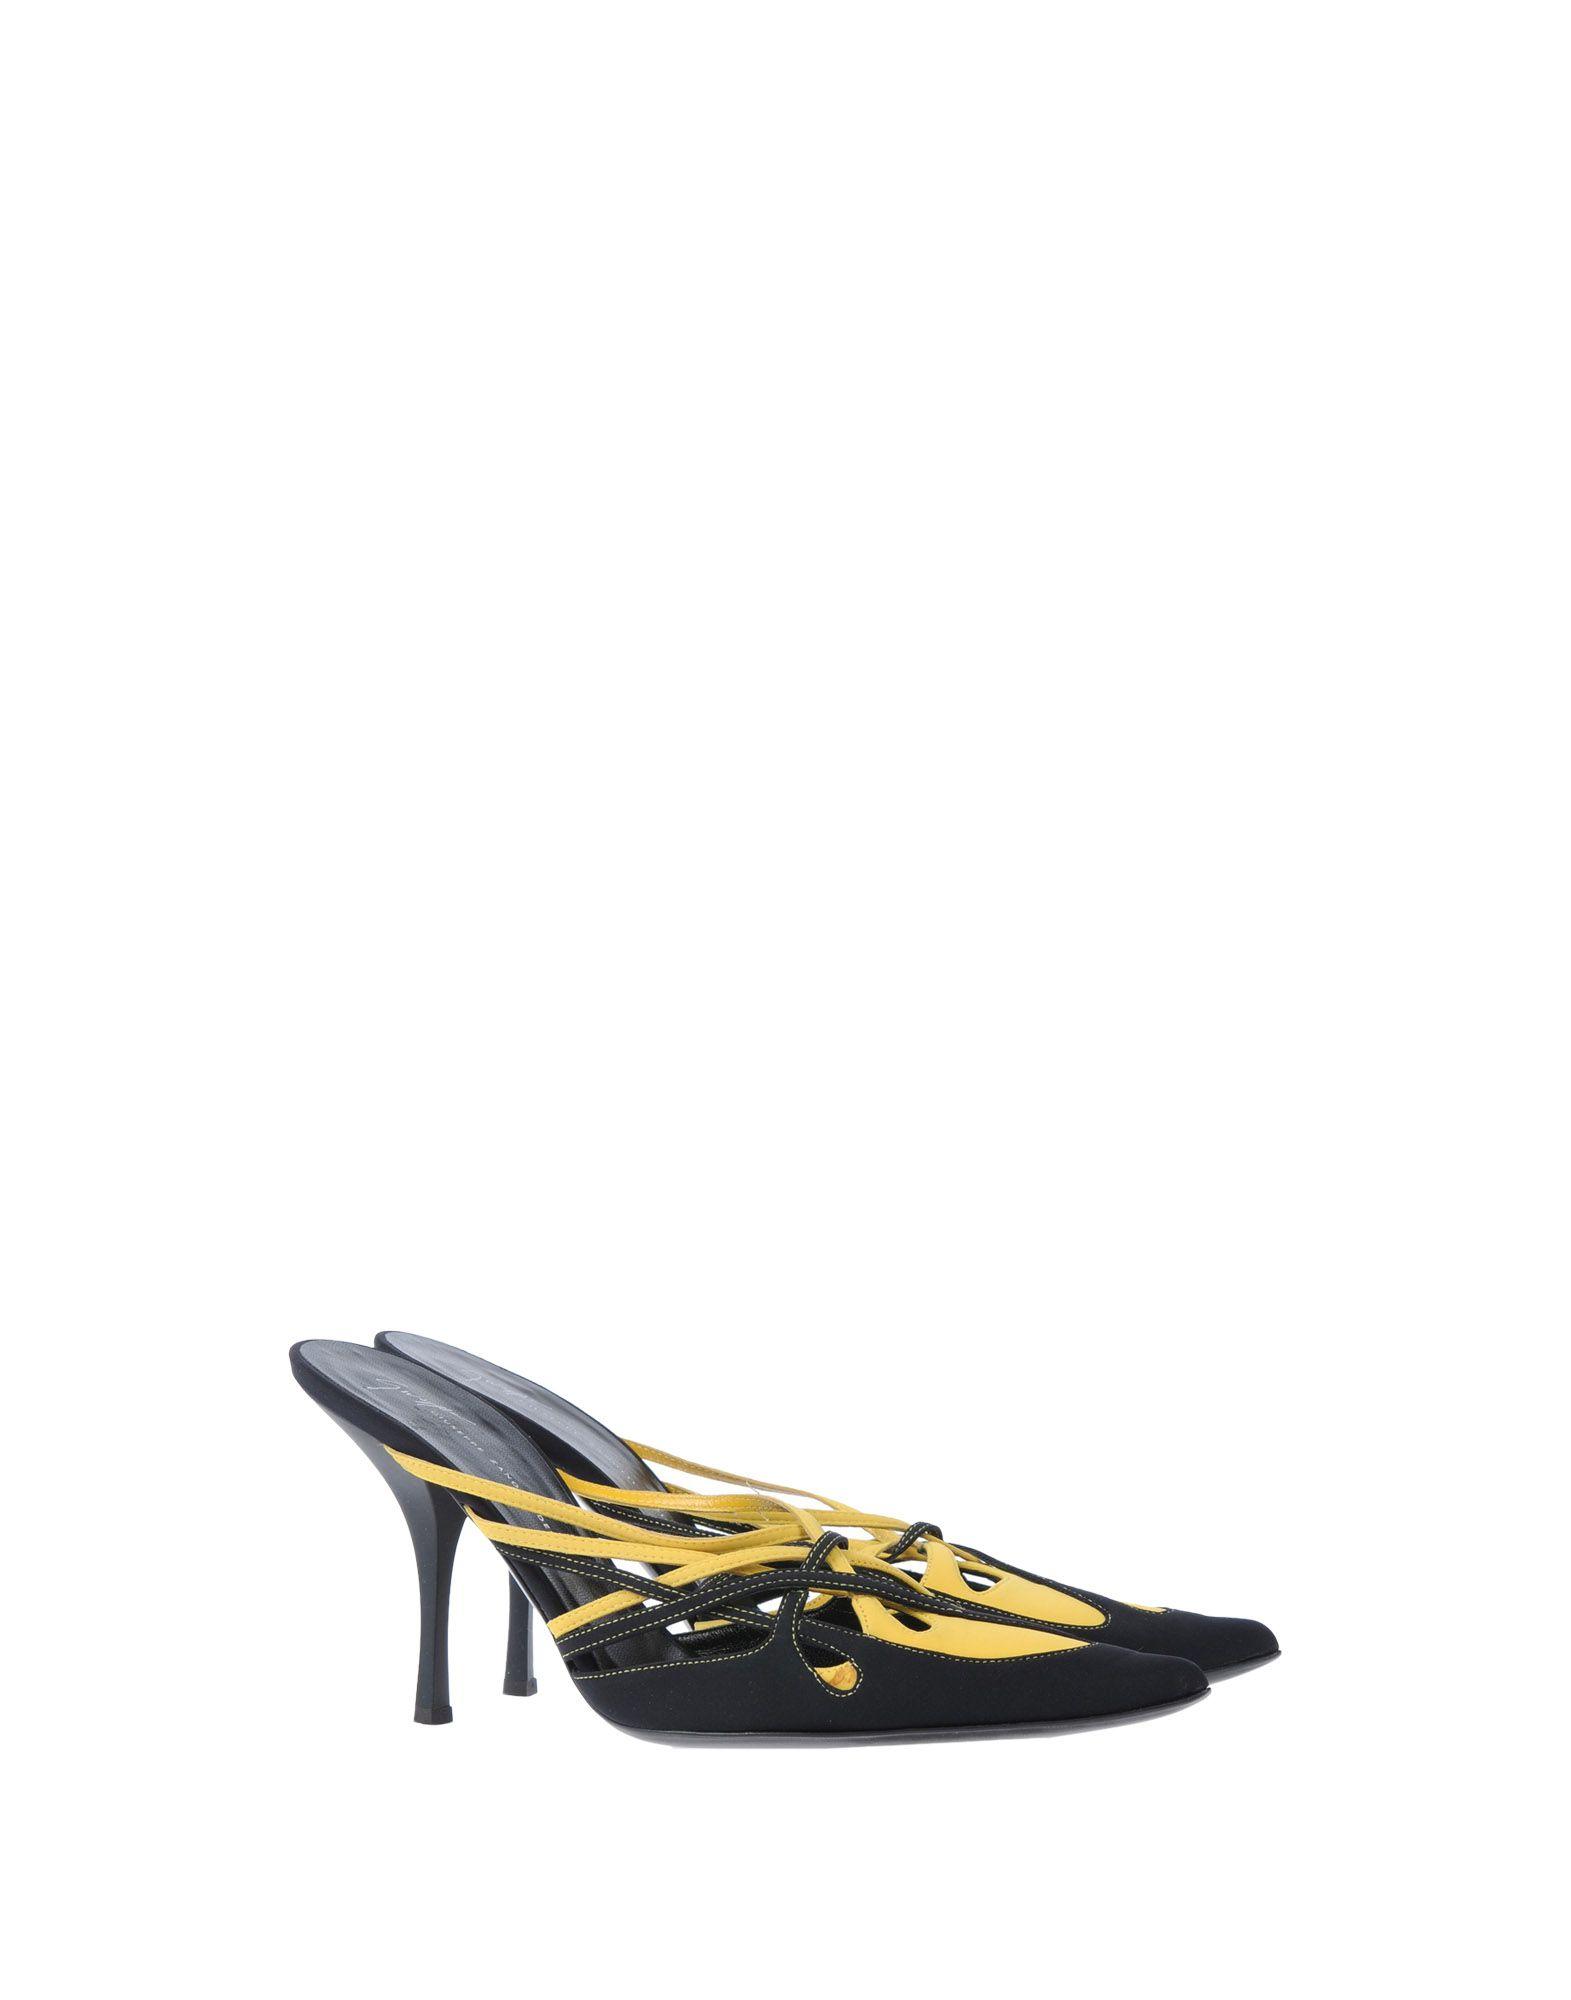 Giuseppe Zanotti Pantoletten Damen  11510479OWGünstige gut aussehende Schuhe